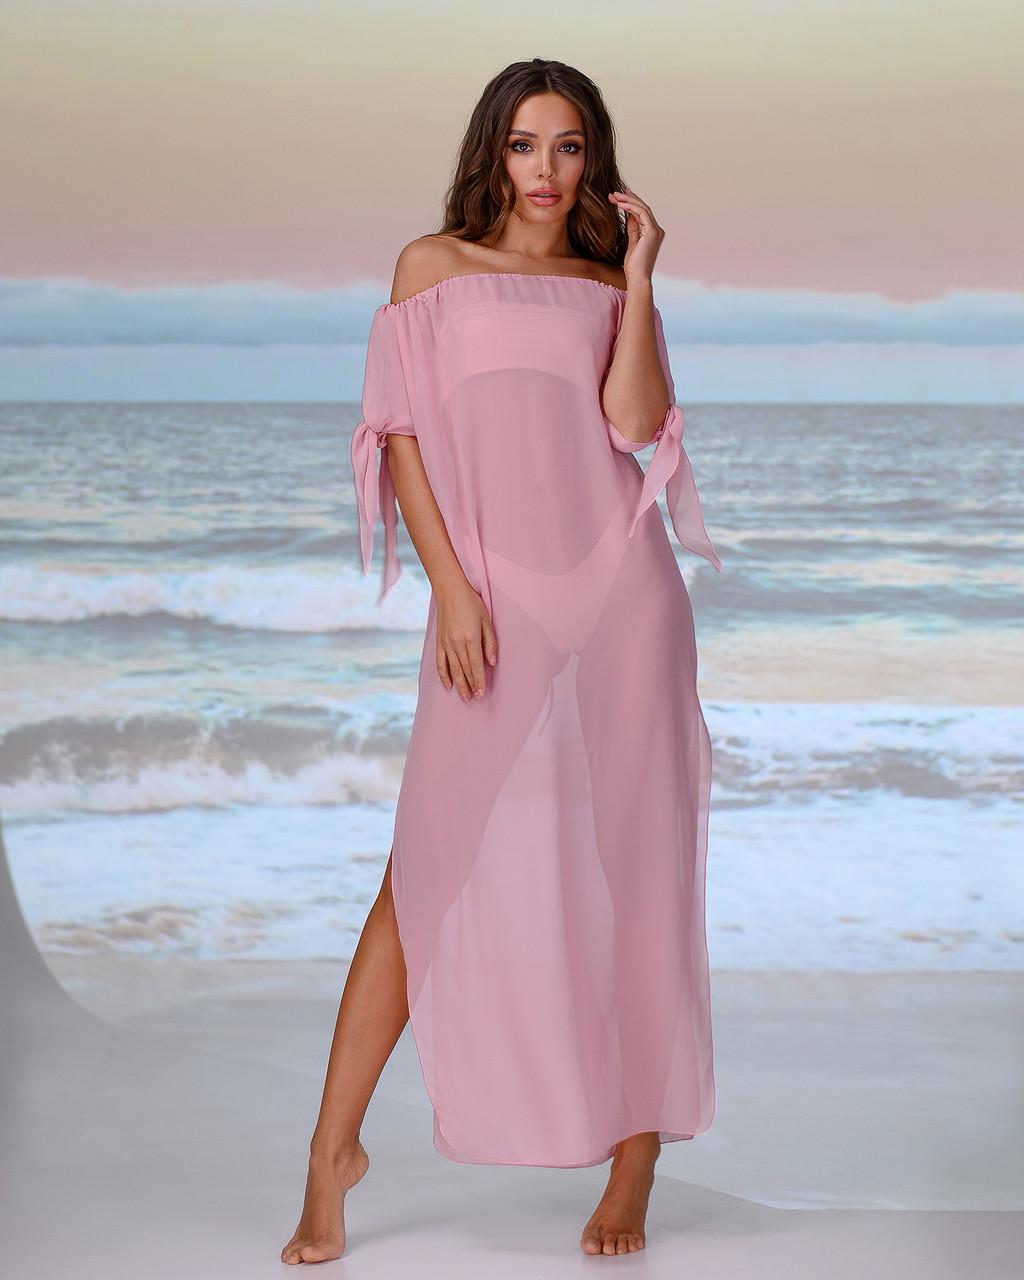 Довга пляжна туніка зі спущеними плечима розмір 46-48р. колір пудра